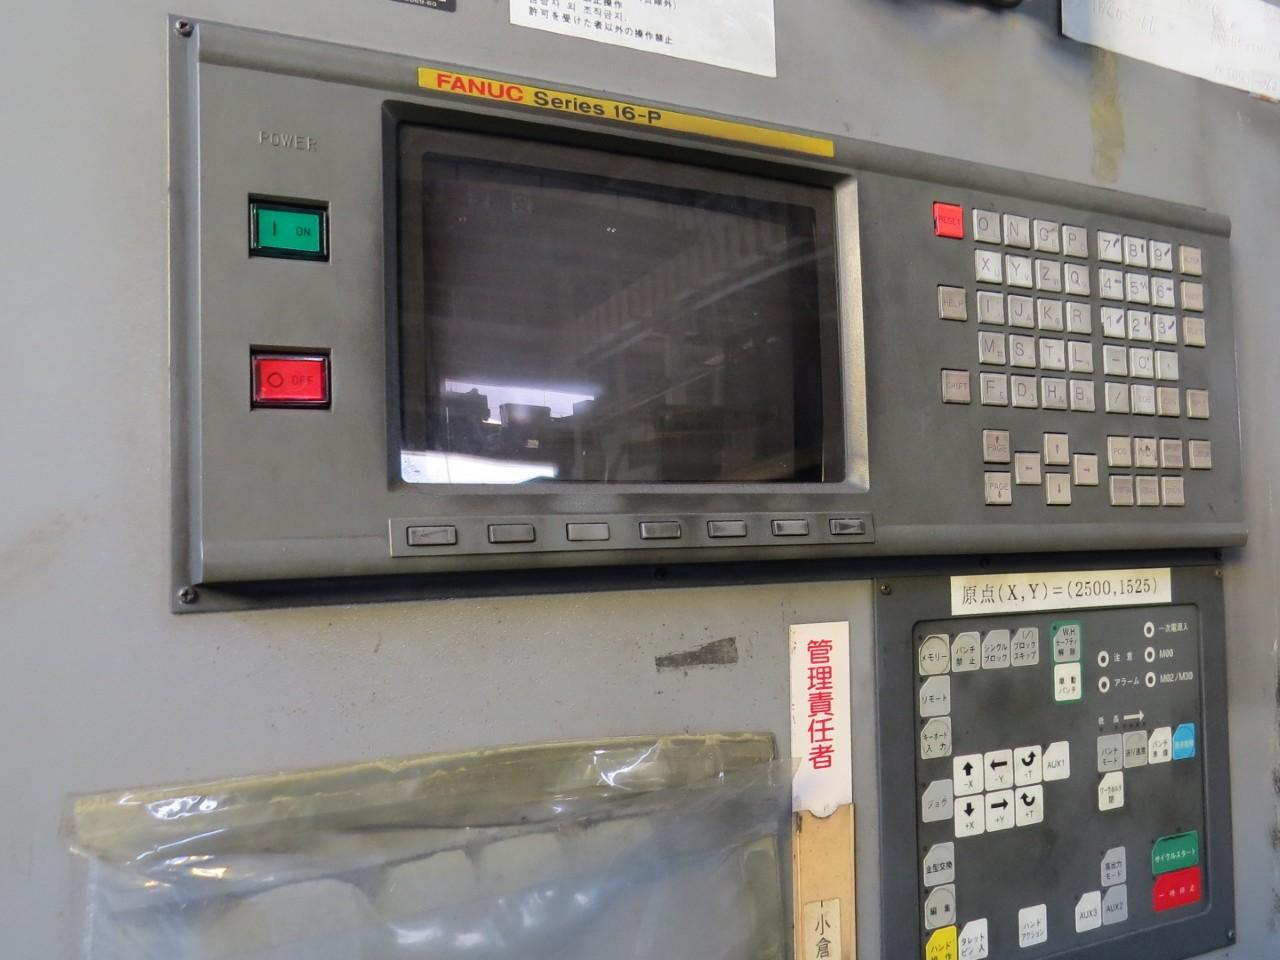 MOTORUM-2048のNC操作盤